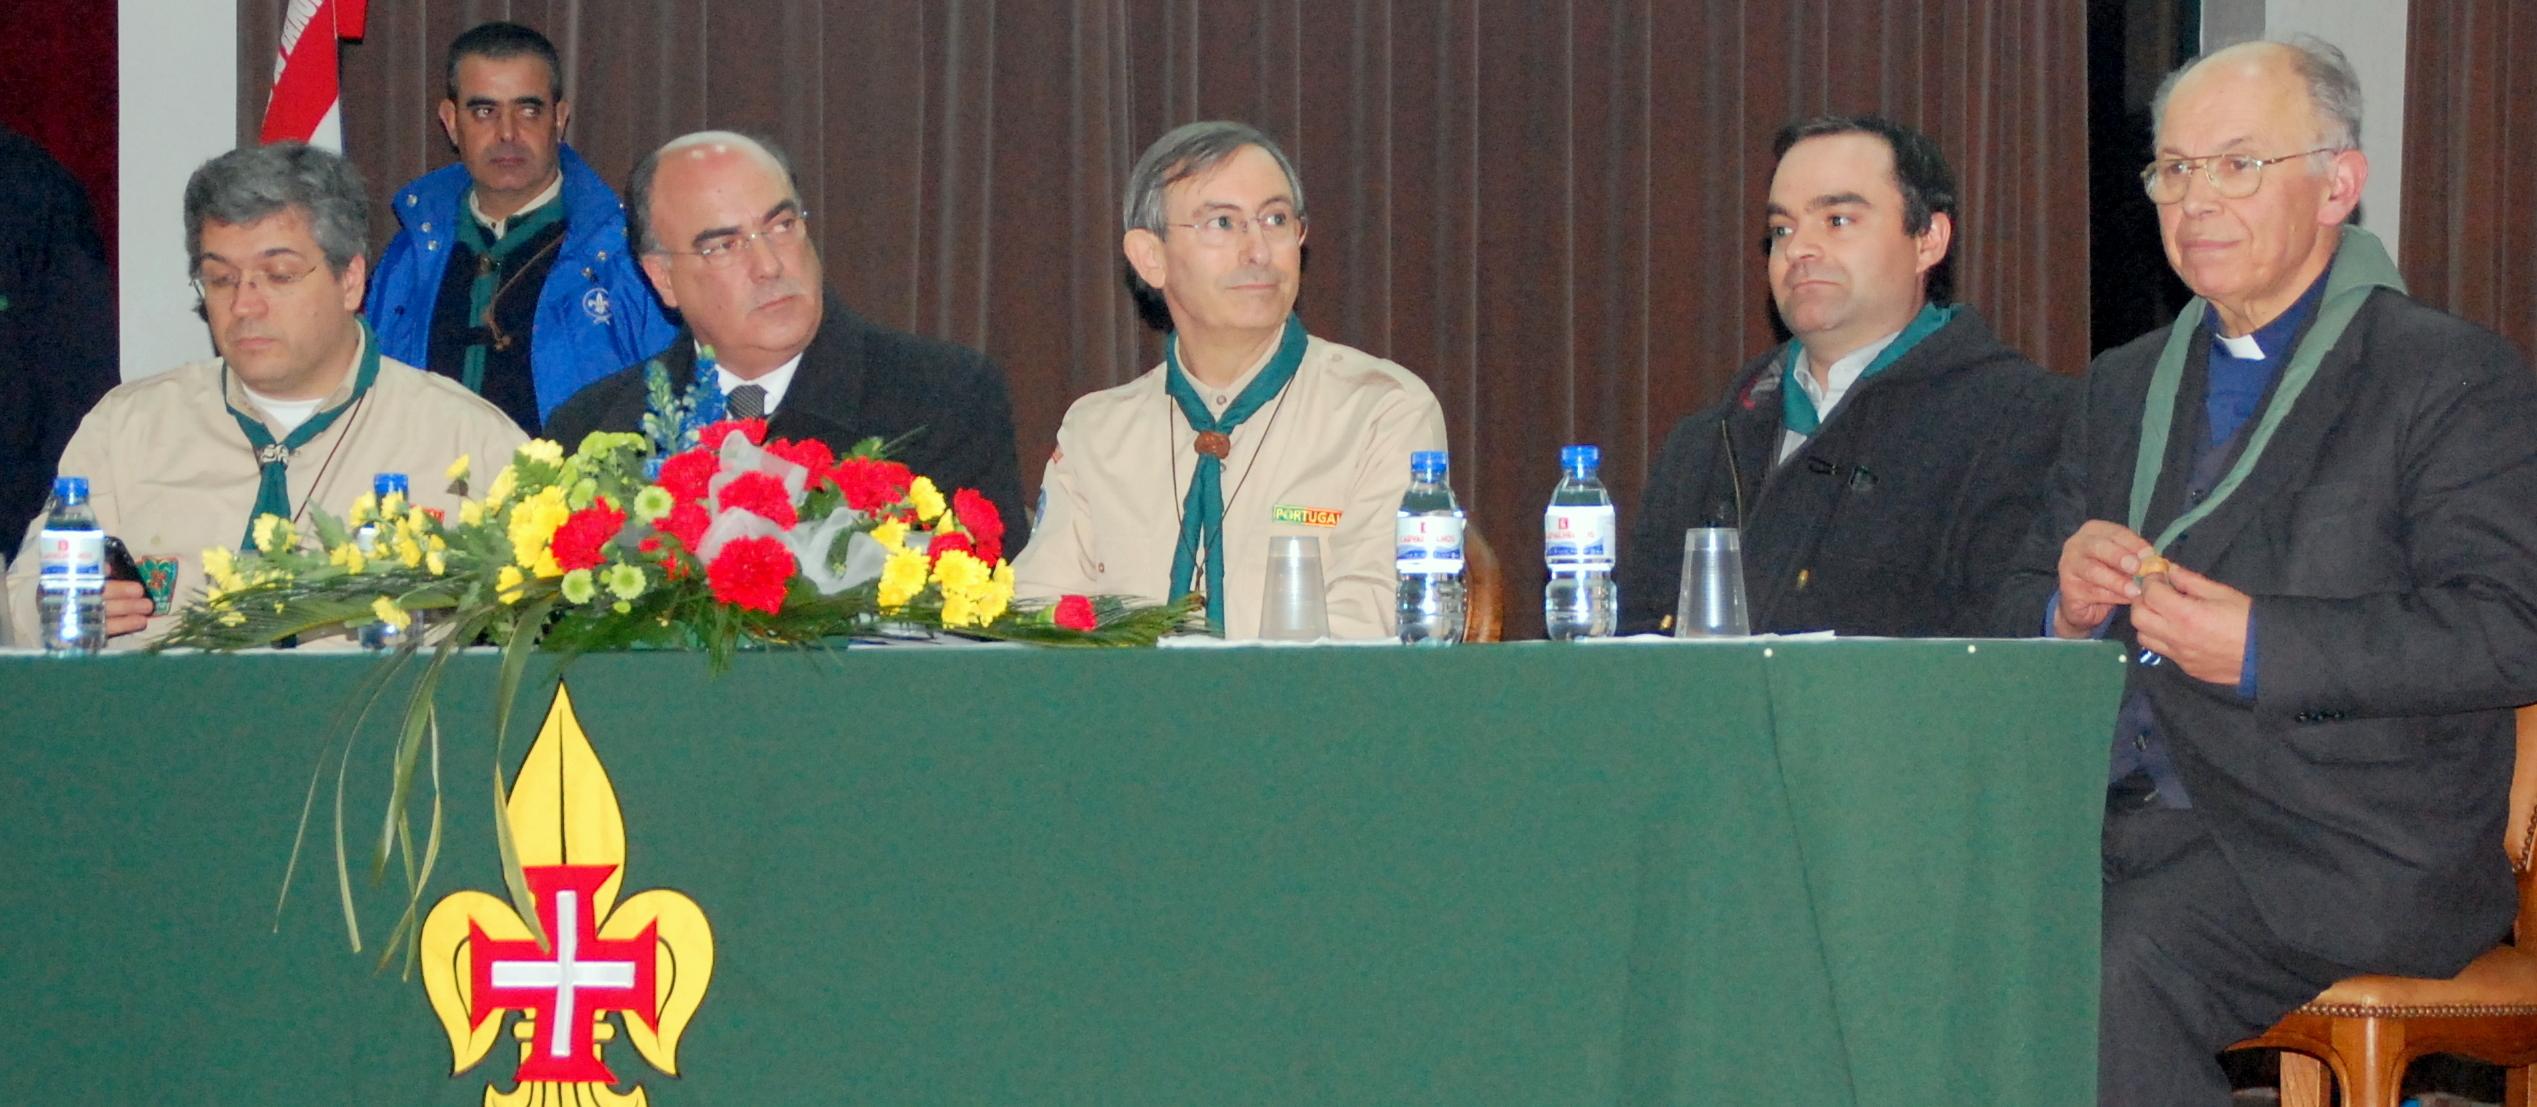 Presidente da Câmara na tomada de posse do novo Assistente e da Junta de Núcleo de Barcelos do Corpo Nacional de Escutas